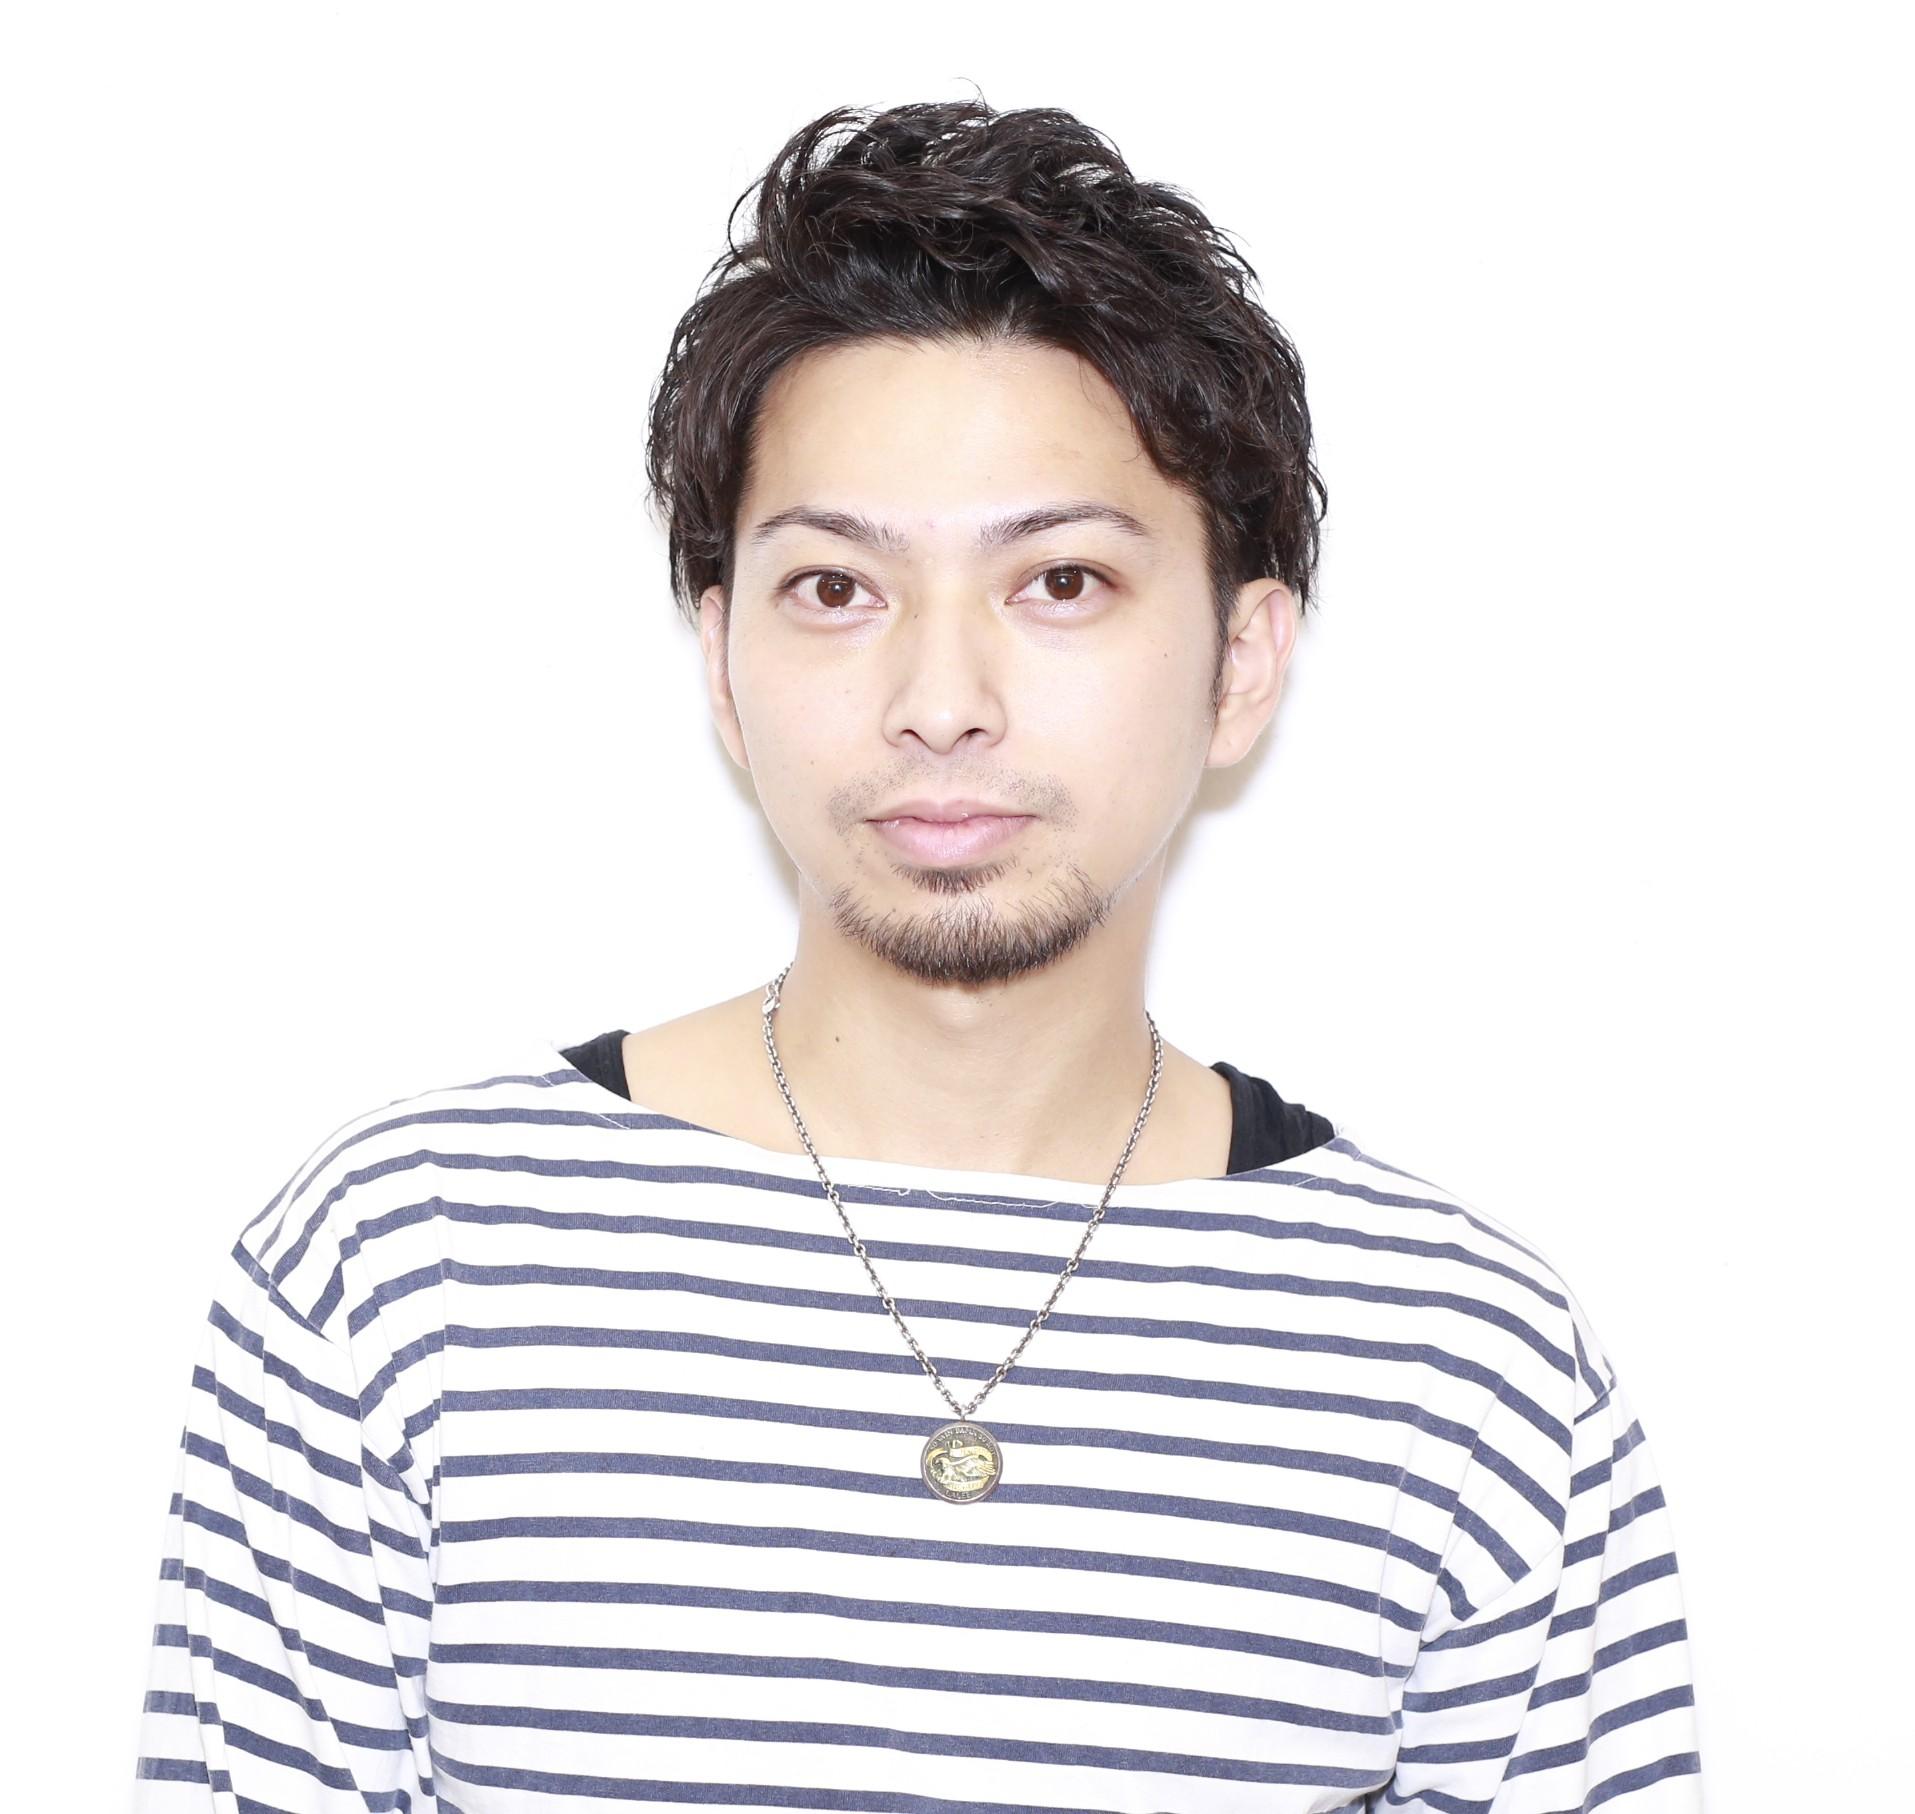 2つの顔を持つ美容師…!?髪のお悩みには朝倉さんが最適な答えをご提案♡